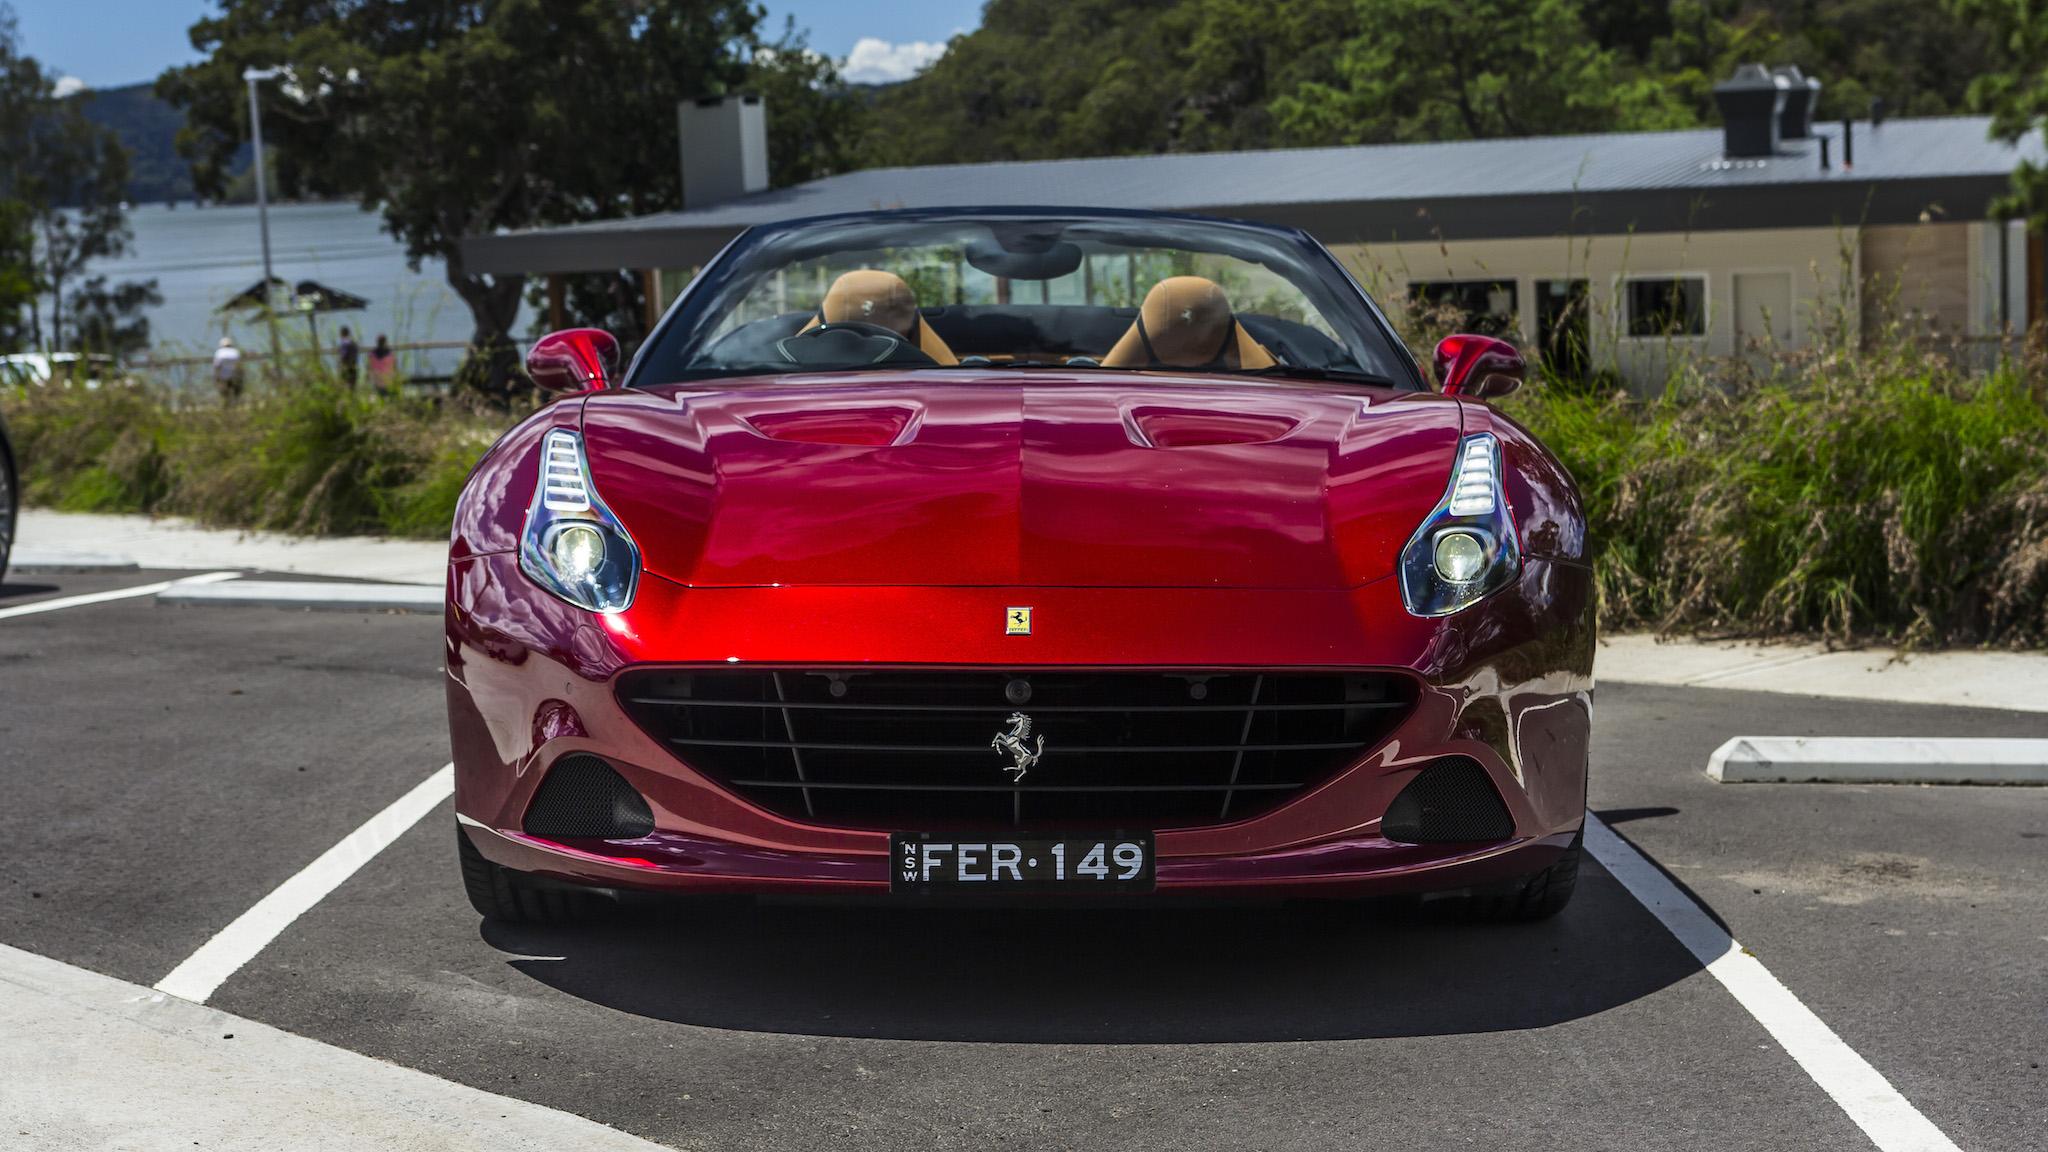 Ferrari California T >> 2015 Ferrari California T Review - photos | CarAdvice